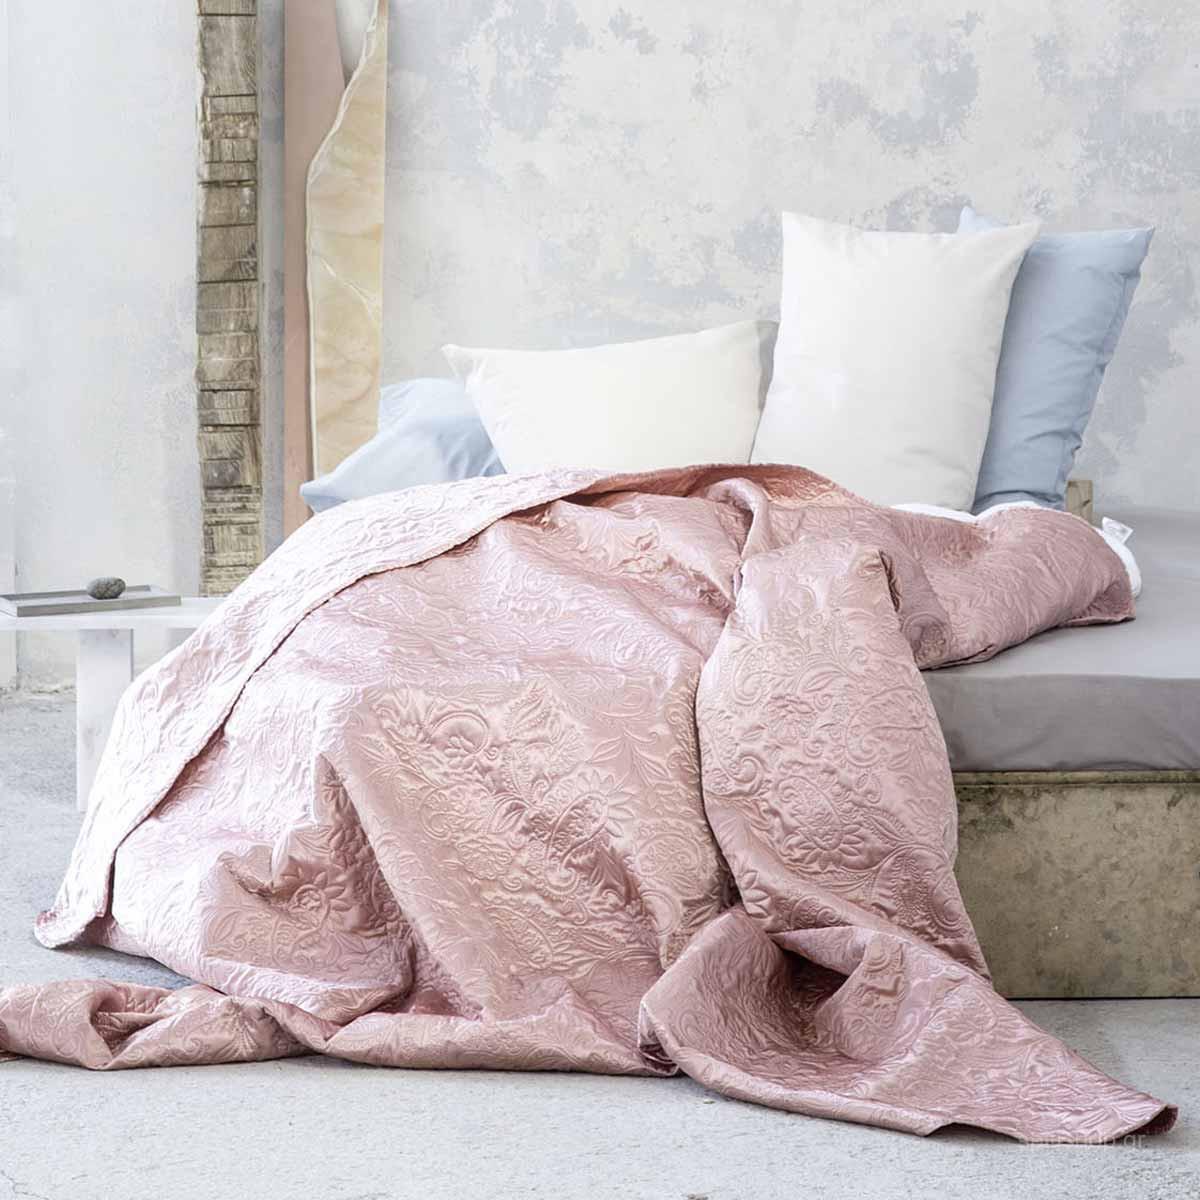 Κουβερλί King Size Nima Layers Array home   κρεβατοκάμαρα   κουβερλί   κουβερλί υπέρδιπλα